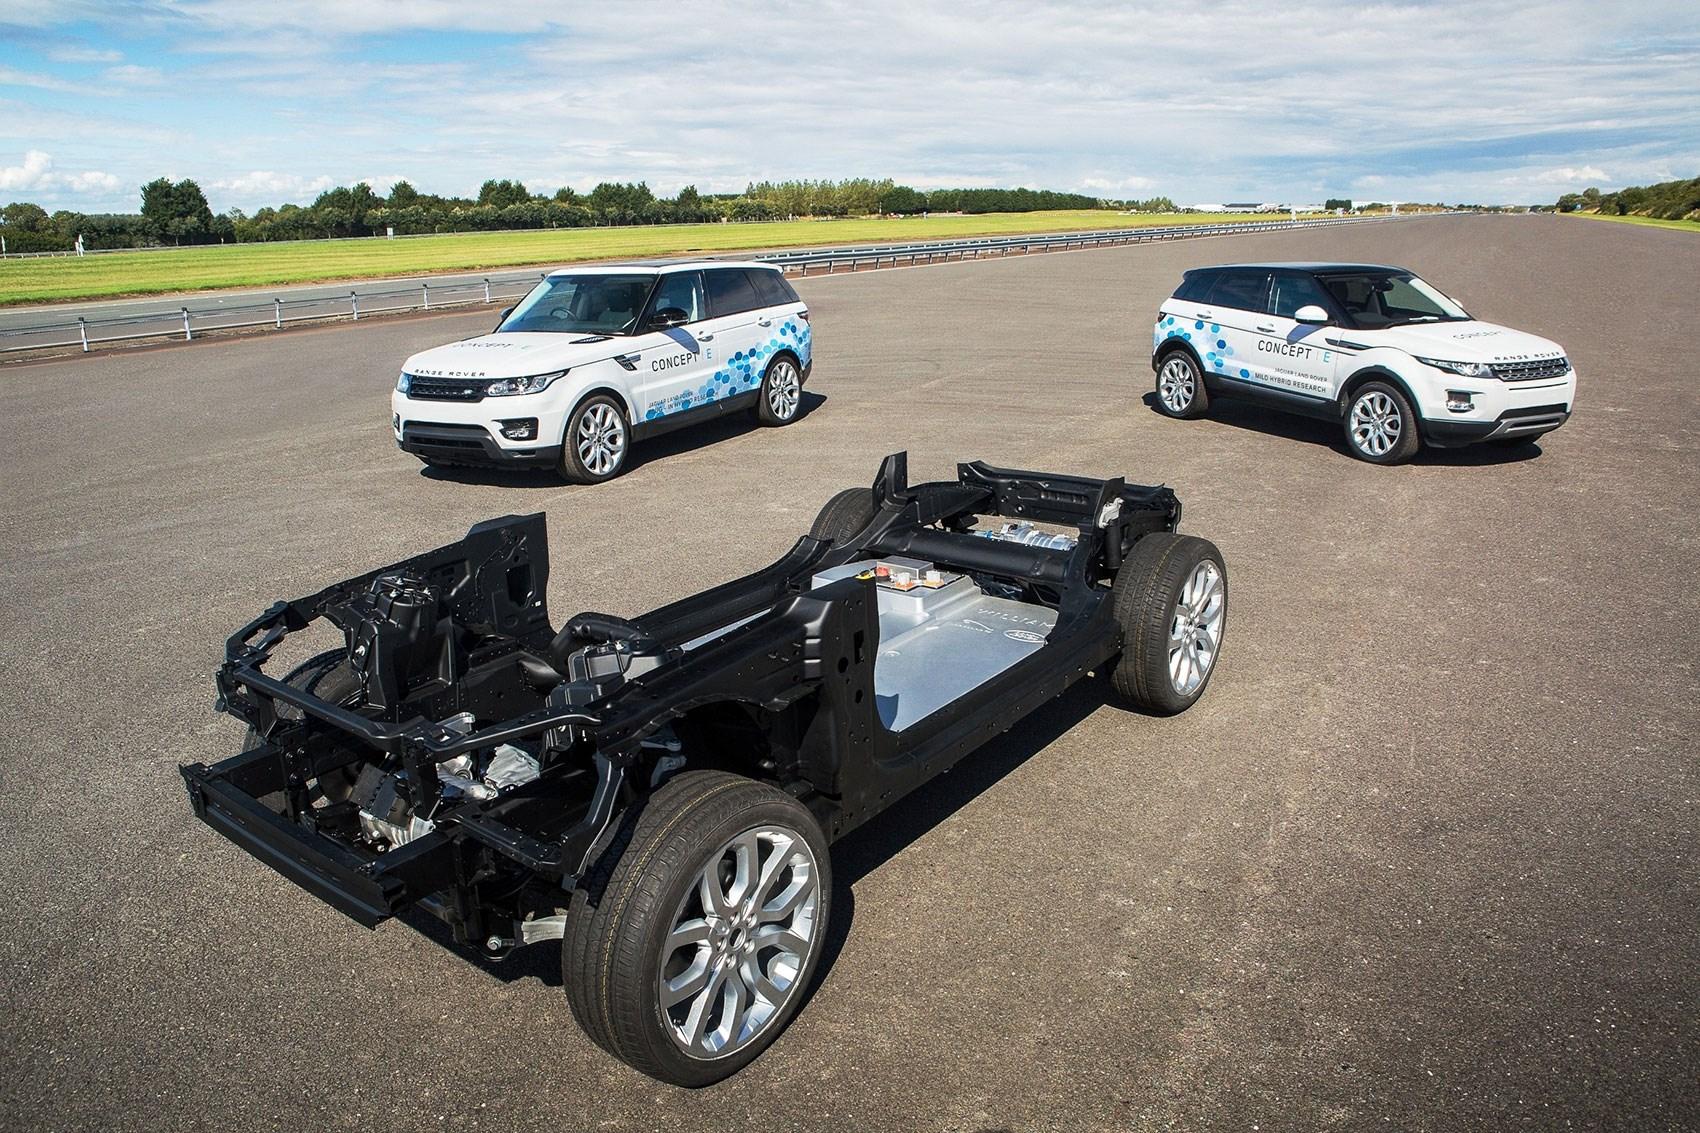 More Info On Land Rover Range Sport